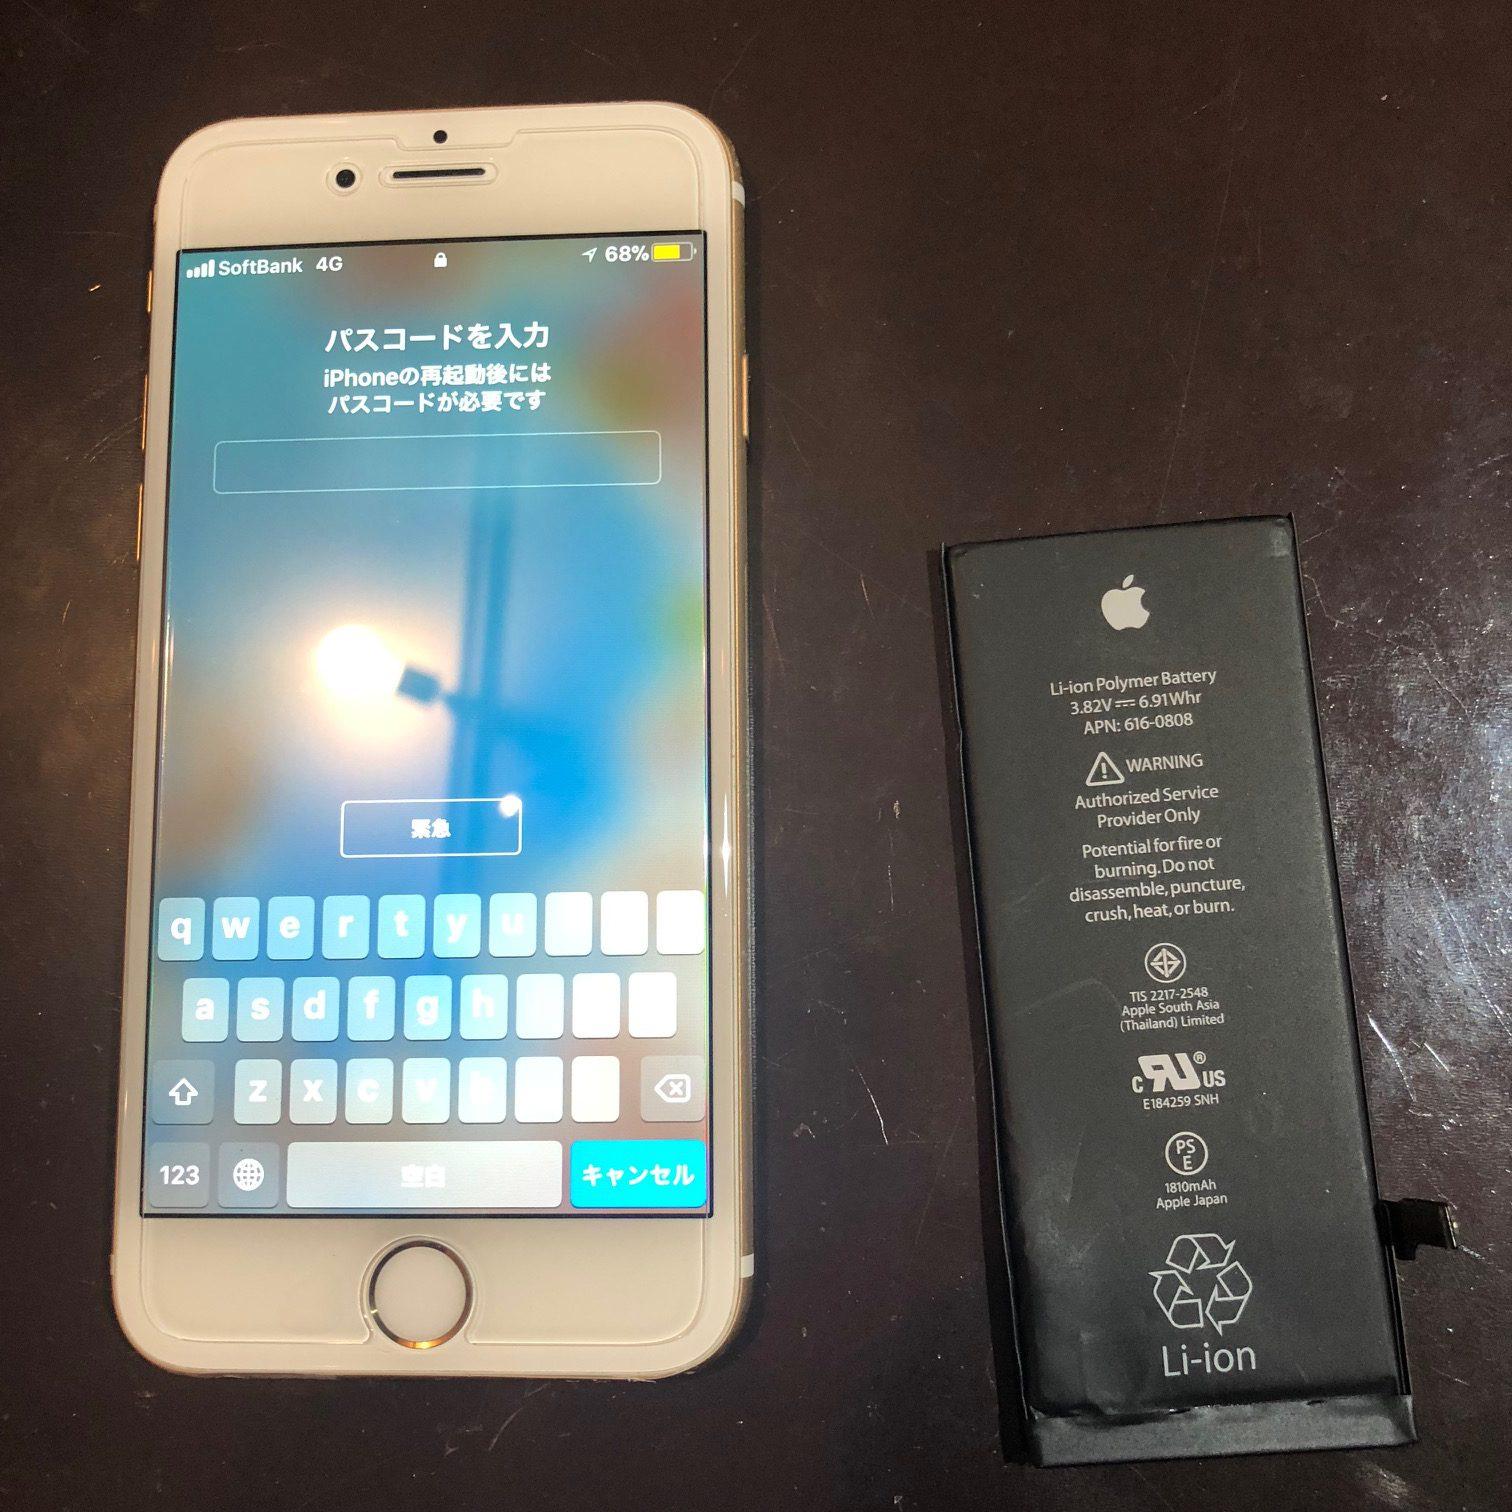 劣化したバッテリー!交換して快適になります☆データそのまま即日修理のスマートクールつかしん店★電池交換なら15分で可能!Iphone6sバッテリー交換【伊丹市よりお越しのお客様】